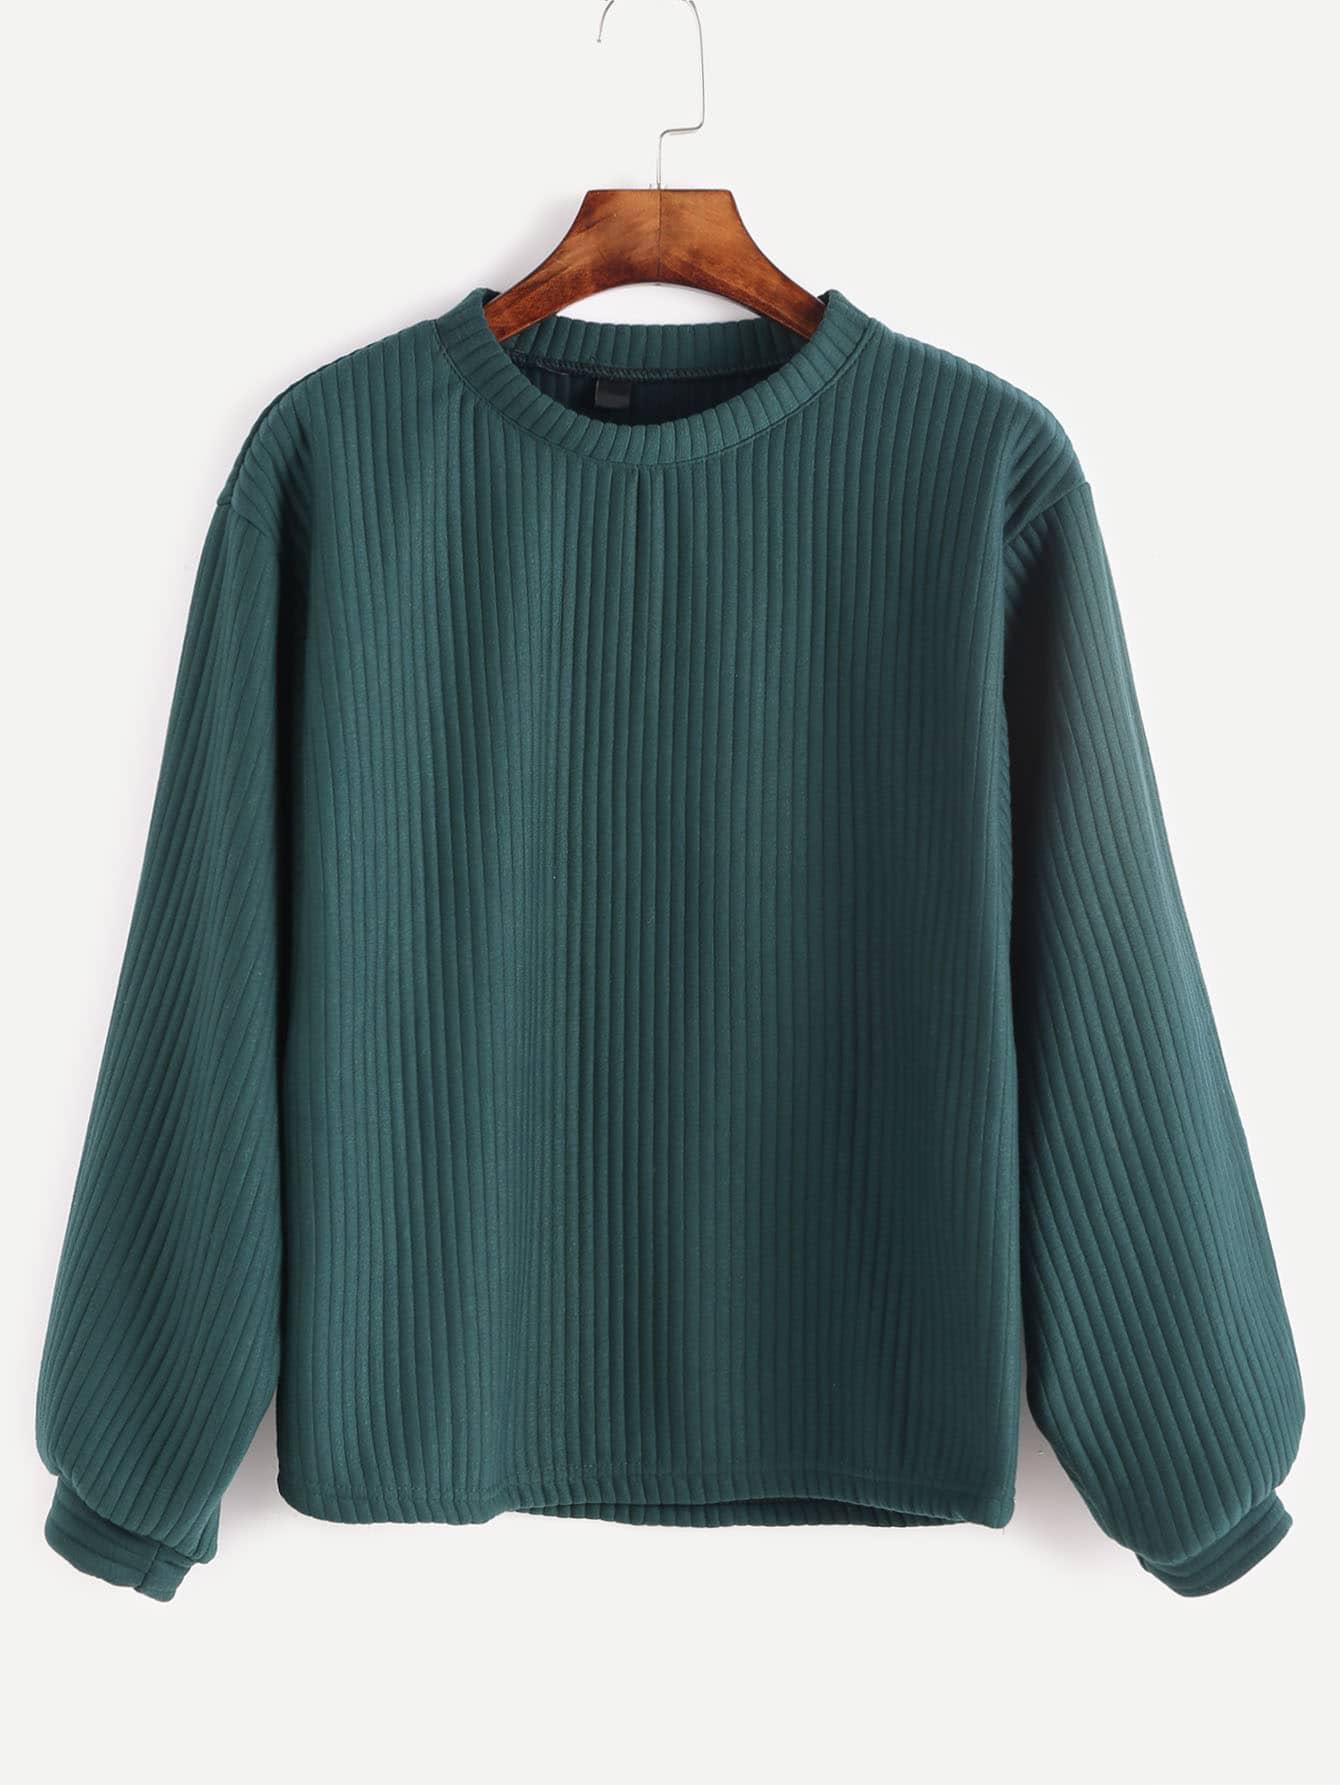 Peacock Green Ribbed Sweatshirt Shein Sheinside